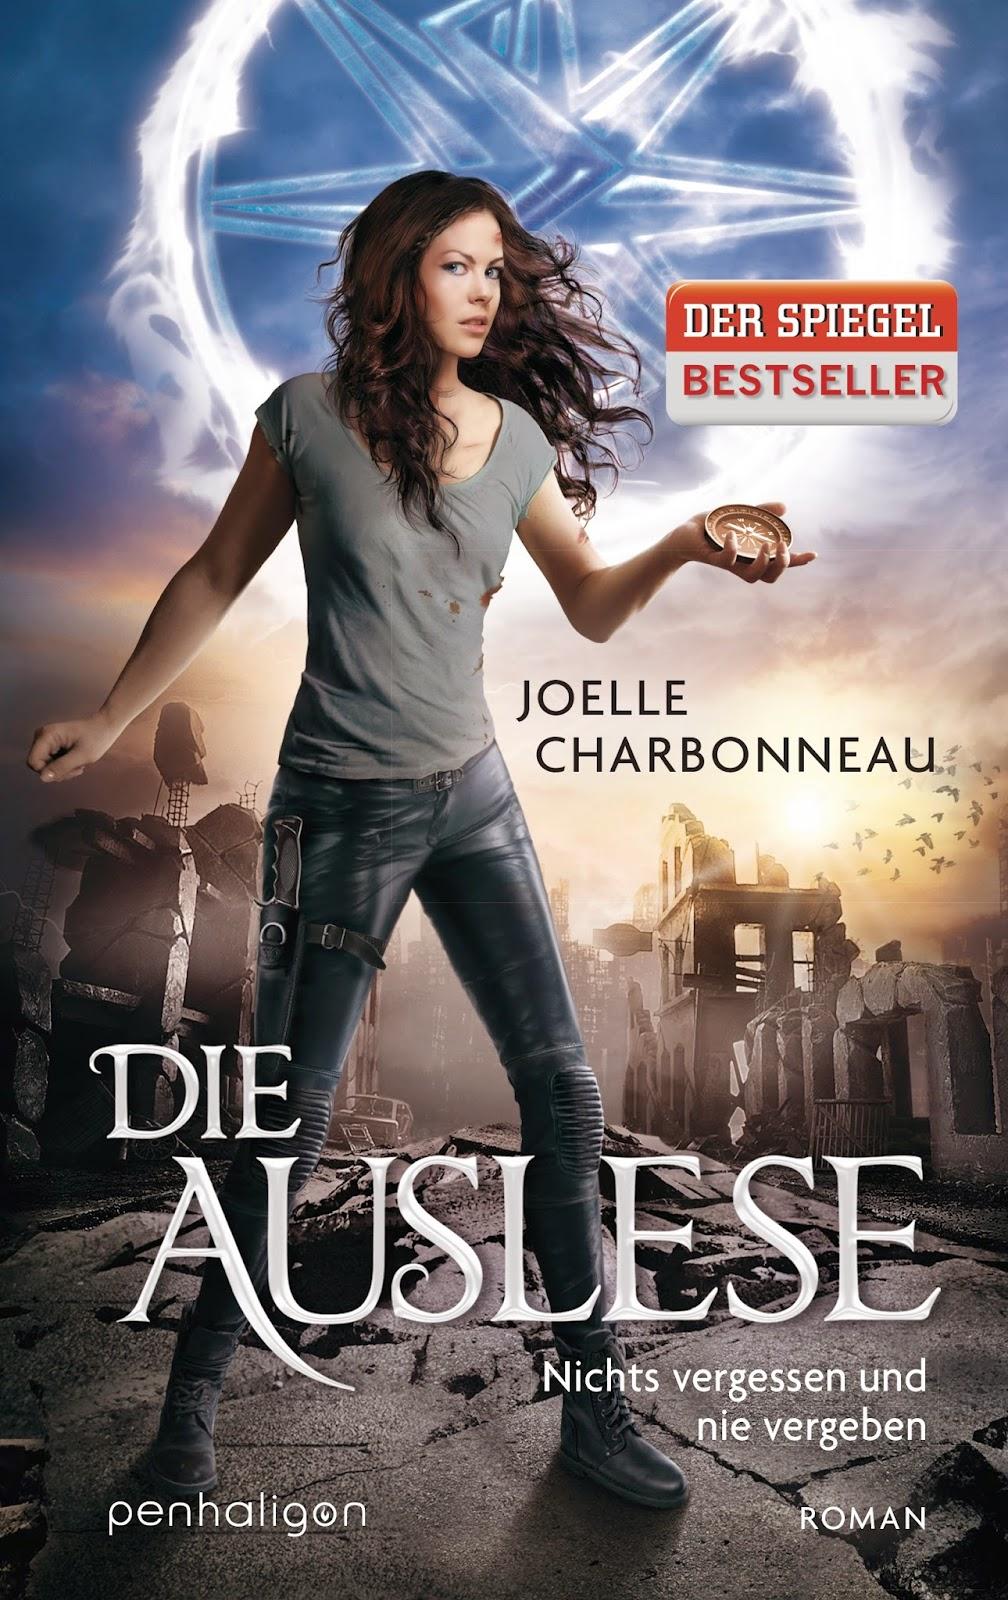 http://www.randomhouse.de/Buch/Die-Auslese-Nichts-vergessen-und-nie-vergeben-Roman/Joelle-Charbonneau/e427915.rhd